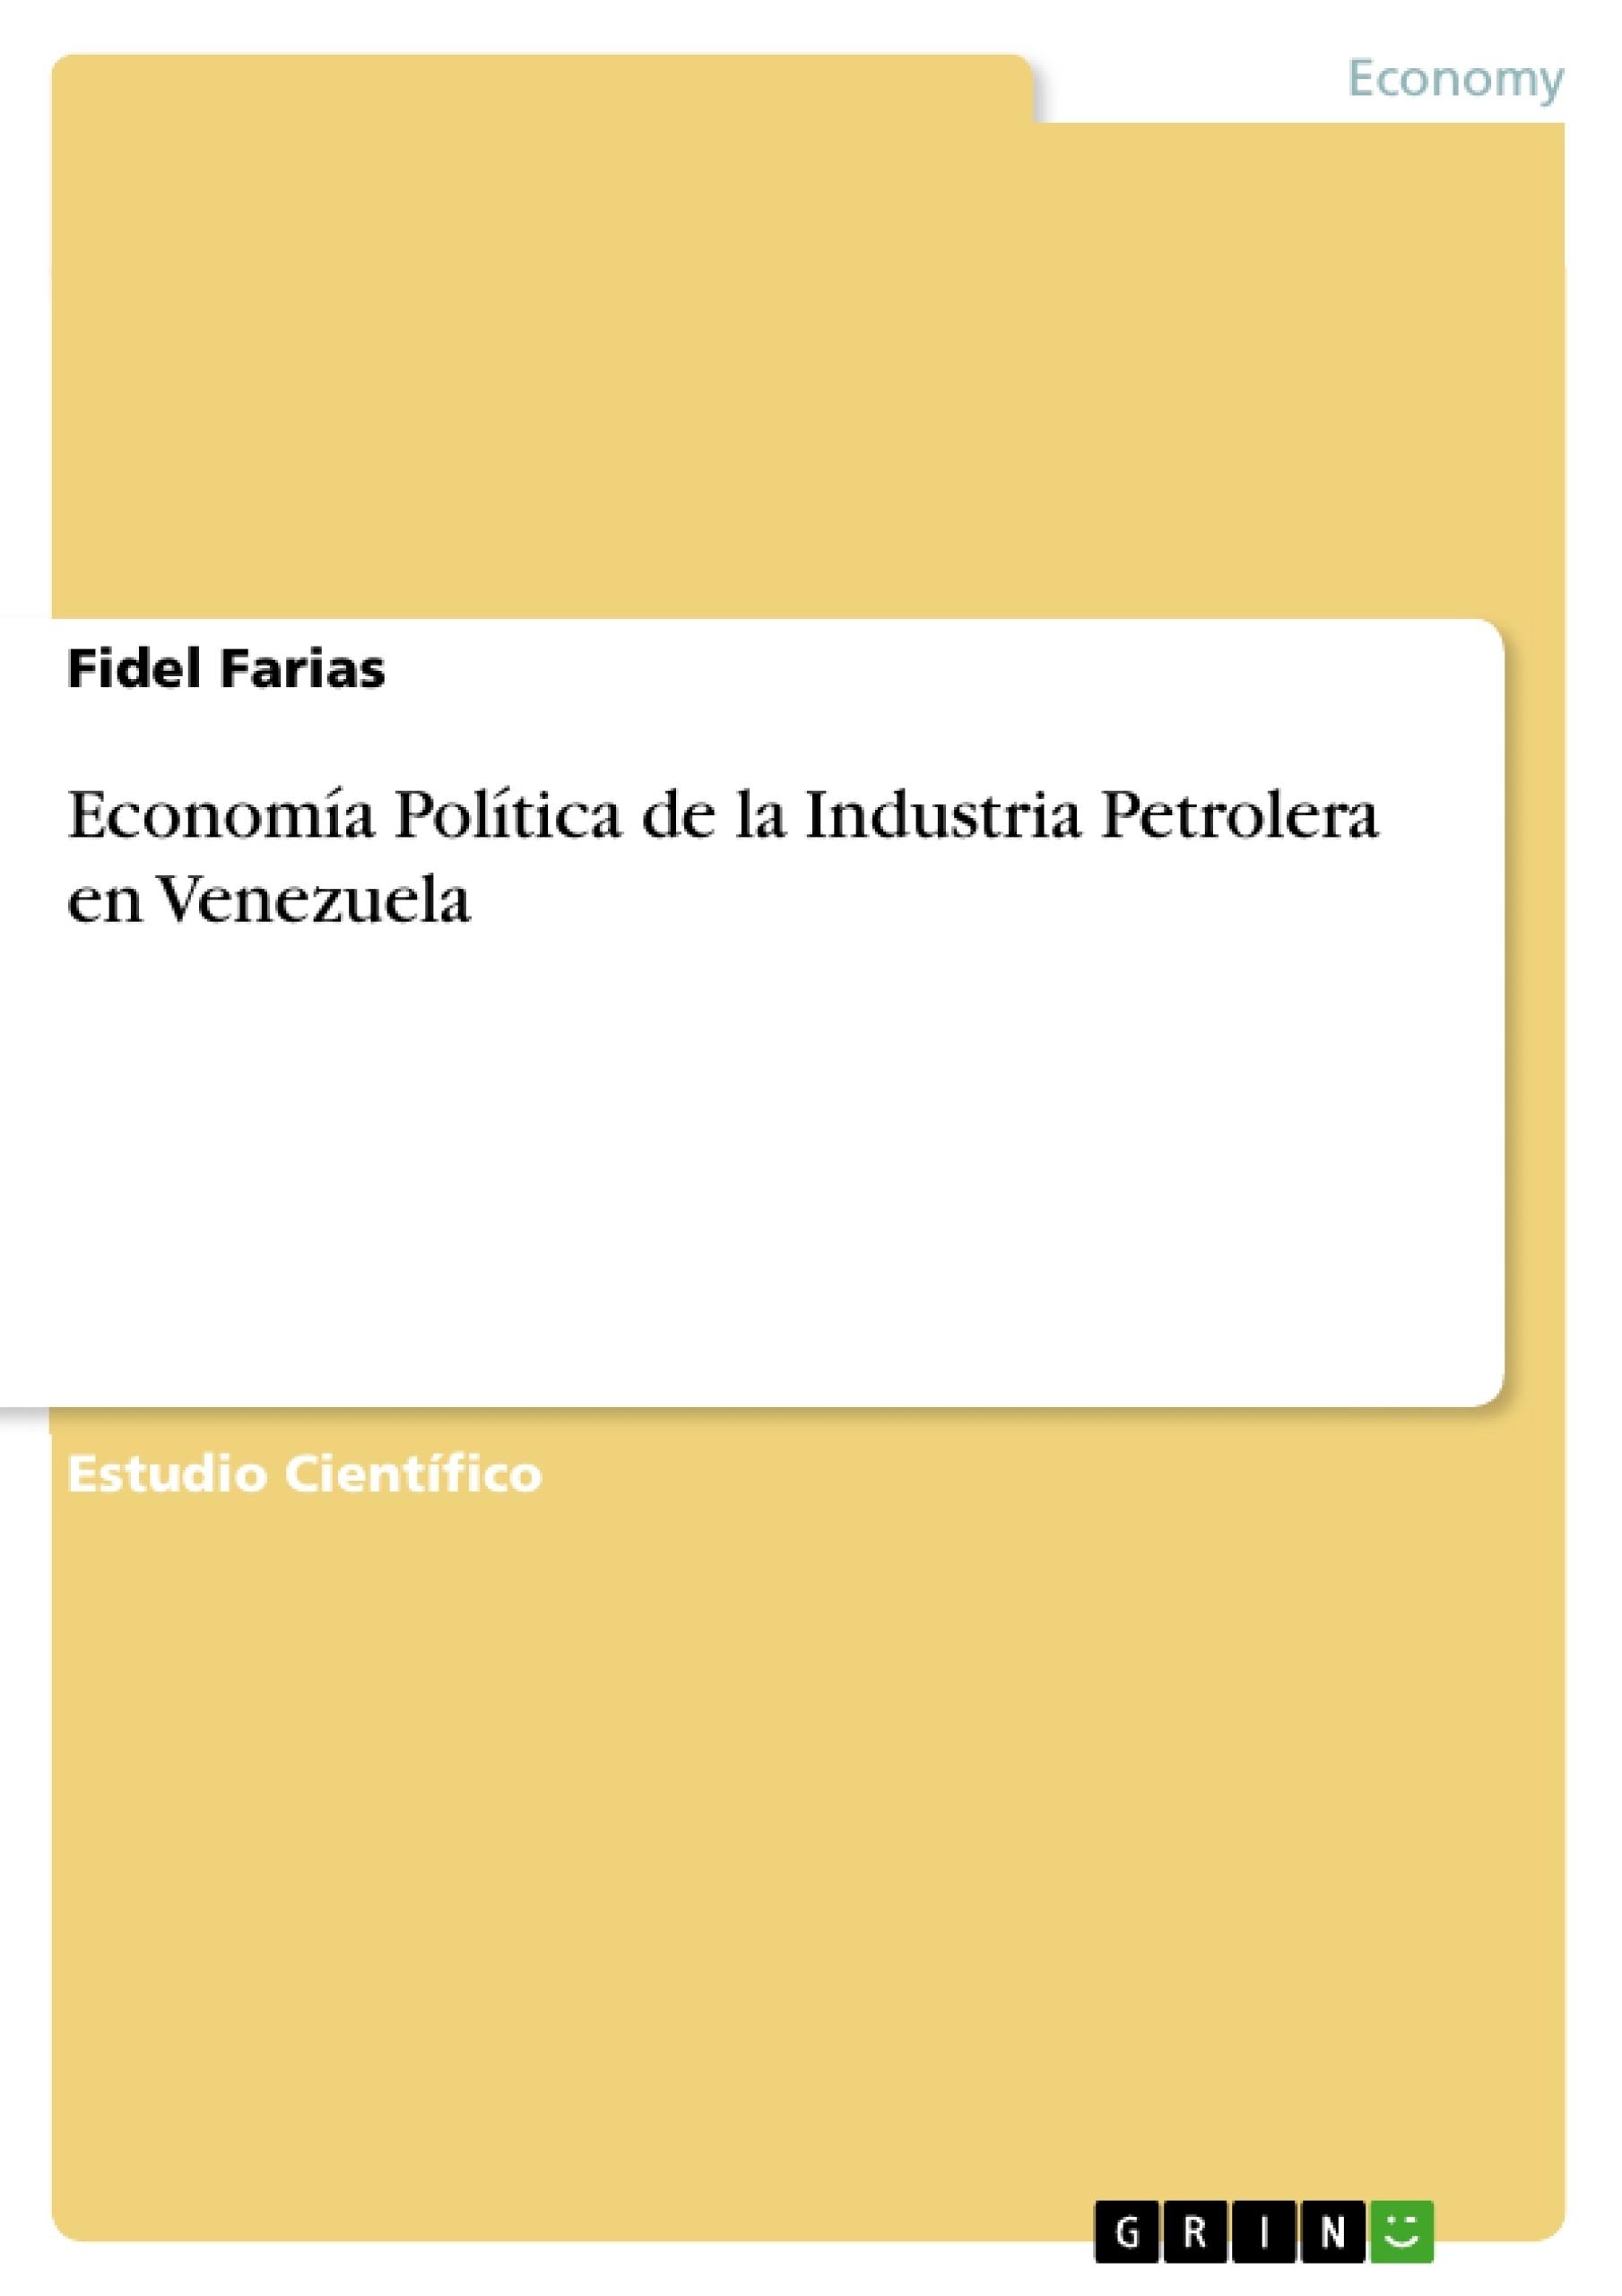 Título: Economía Política de la Industria Petrolera en Venezuela